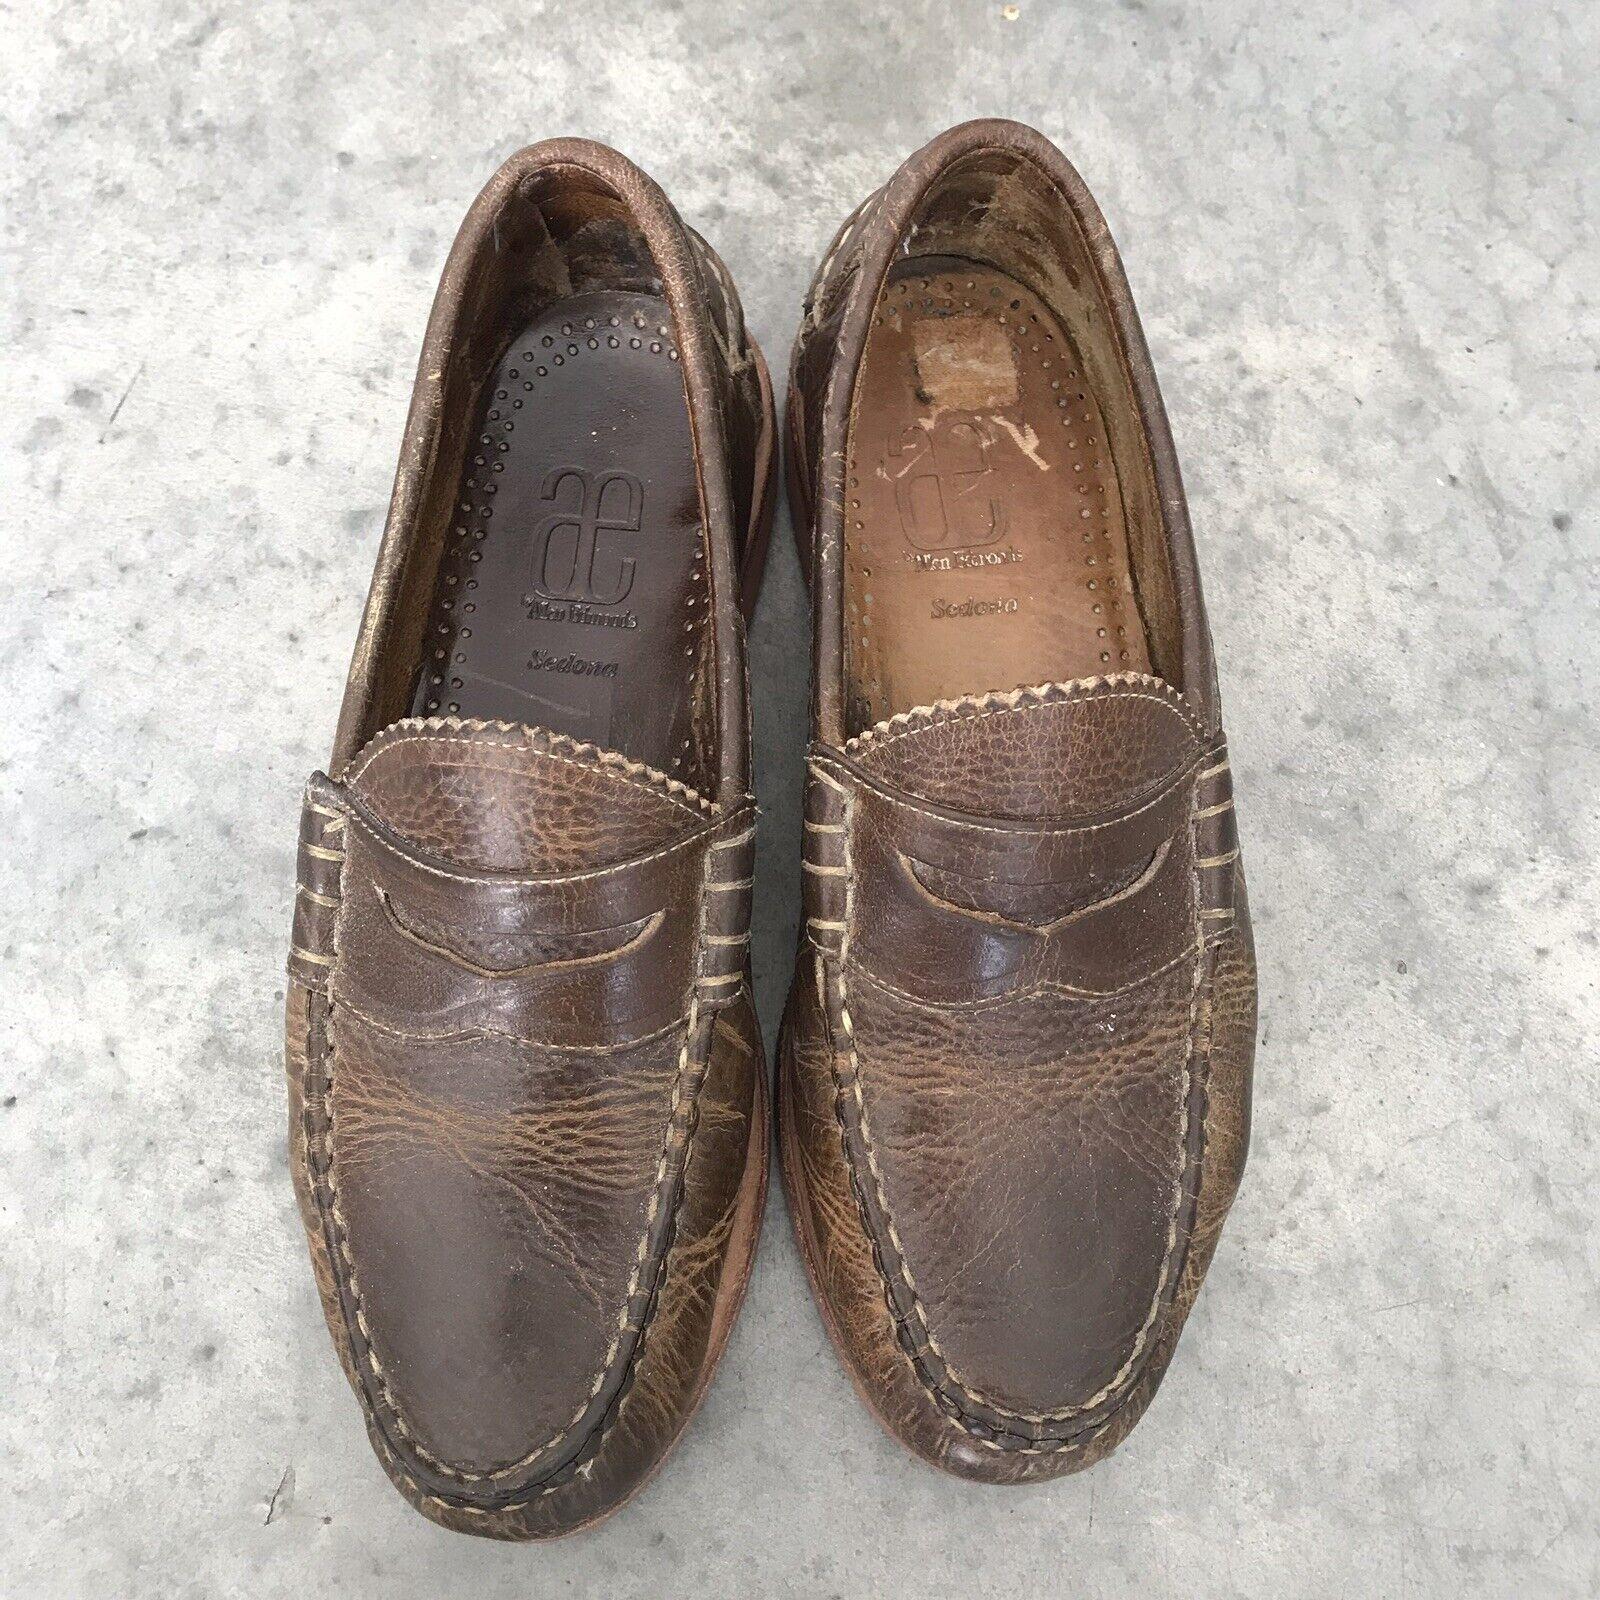 Allen Edmonds Sedona Marrón Cuero Hombre PENNY Mocasines pennyloafers Zapatos 7D 7 D